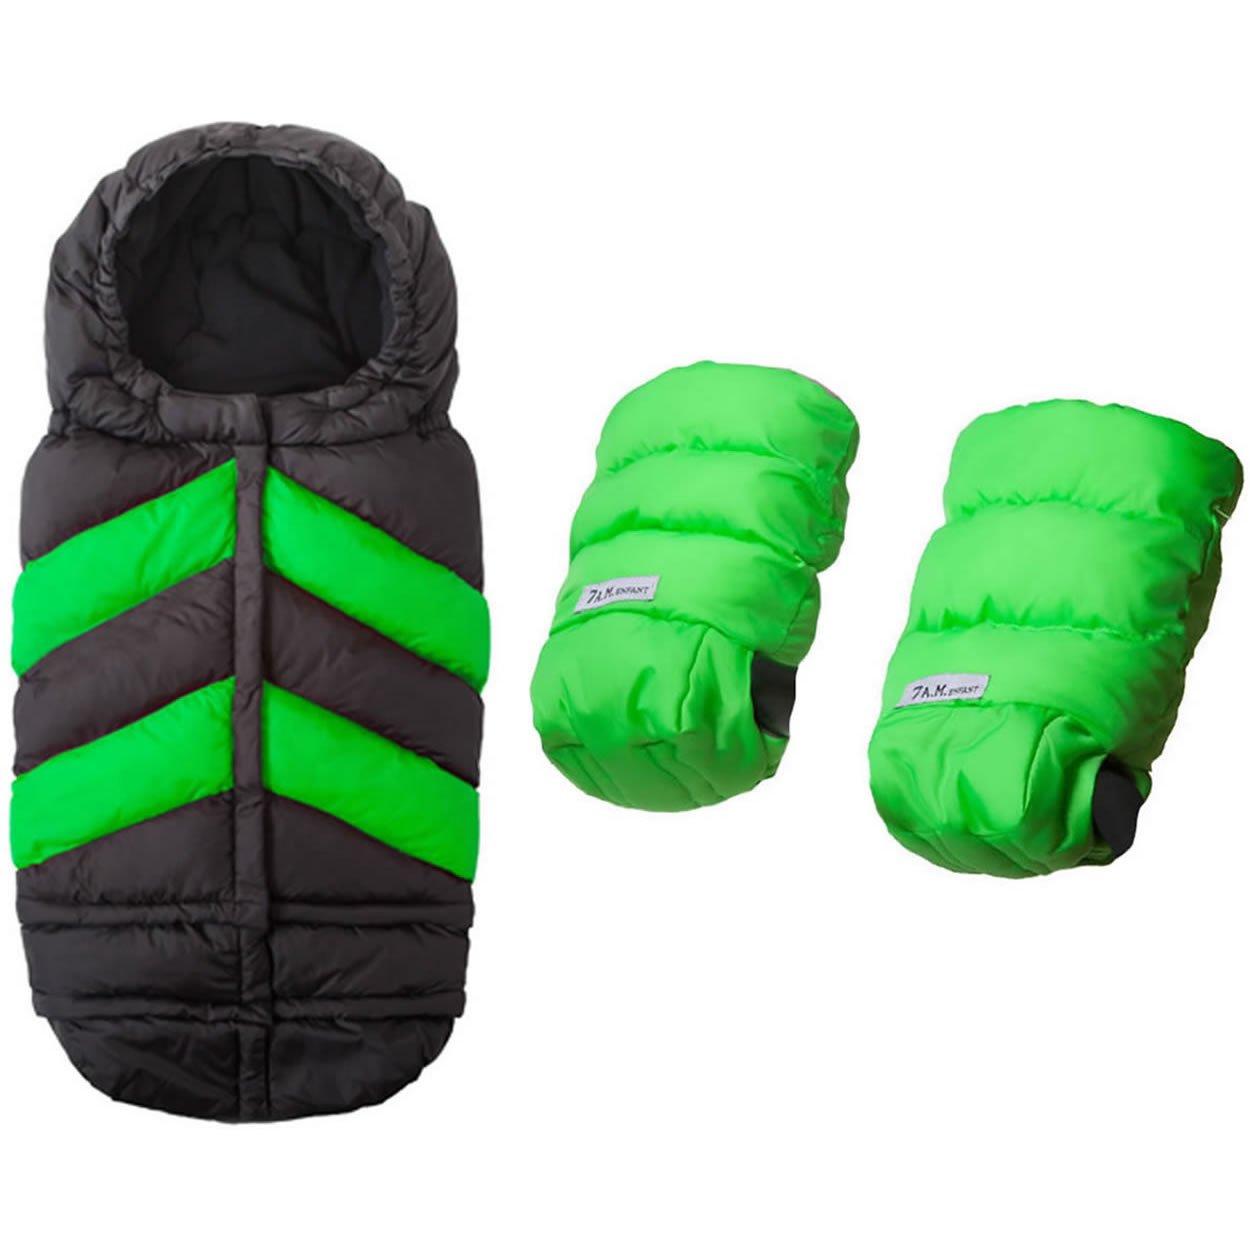 7 A.M. Enfant Blanket 212 Chevron With WarmMuffs 212 Gloves - Black/Neon Green